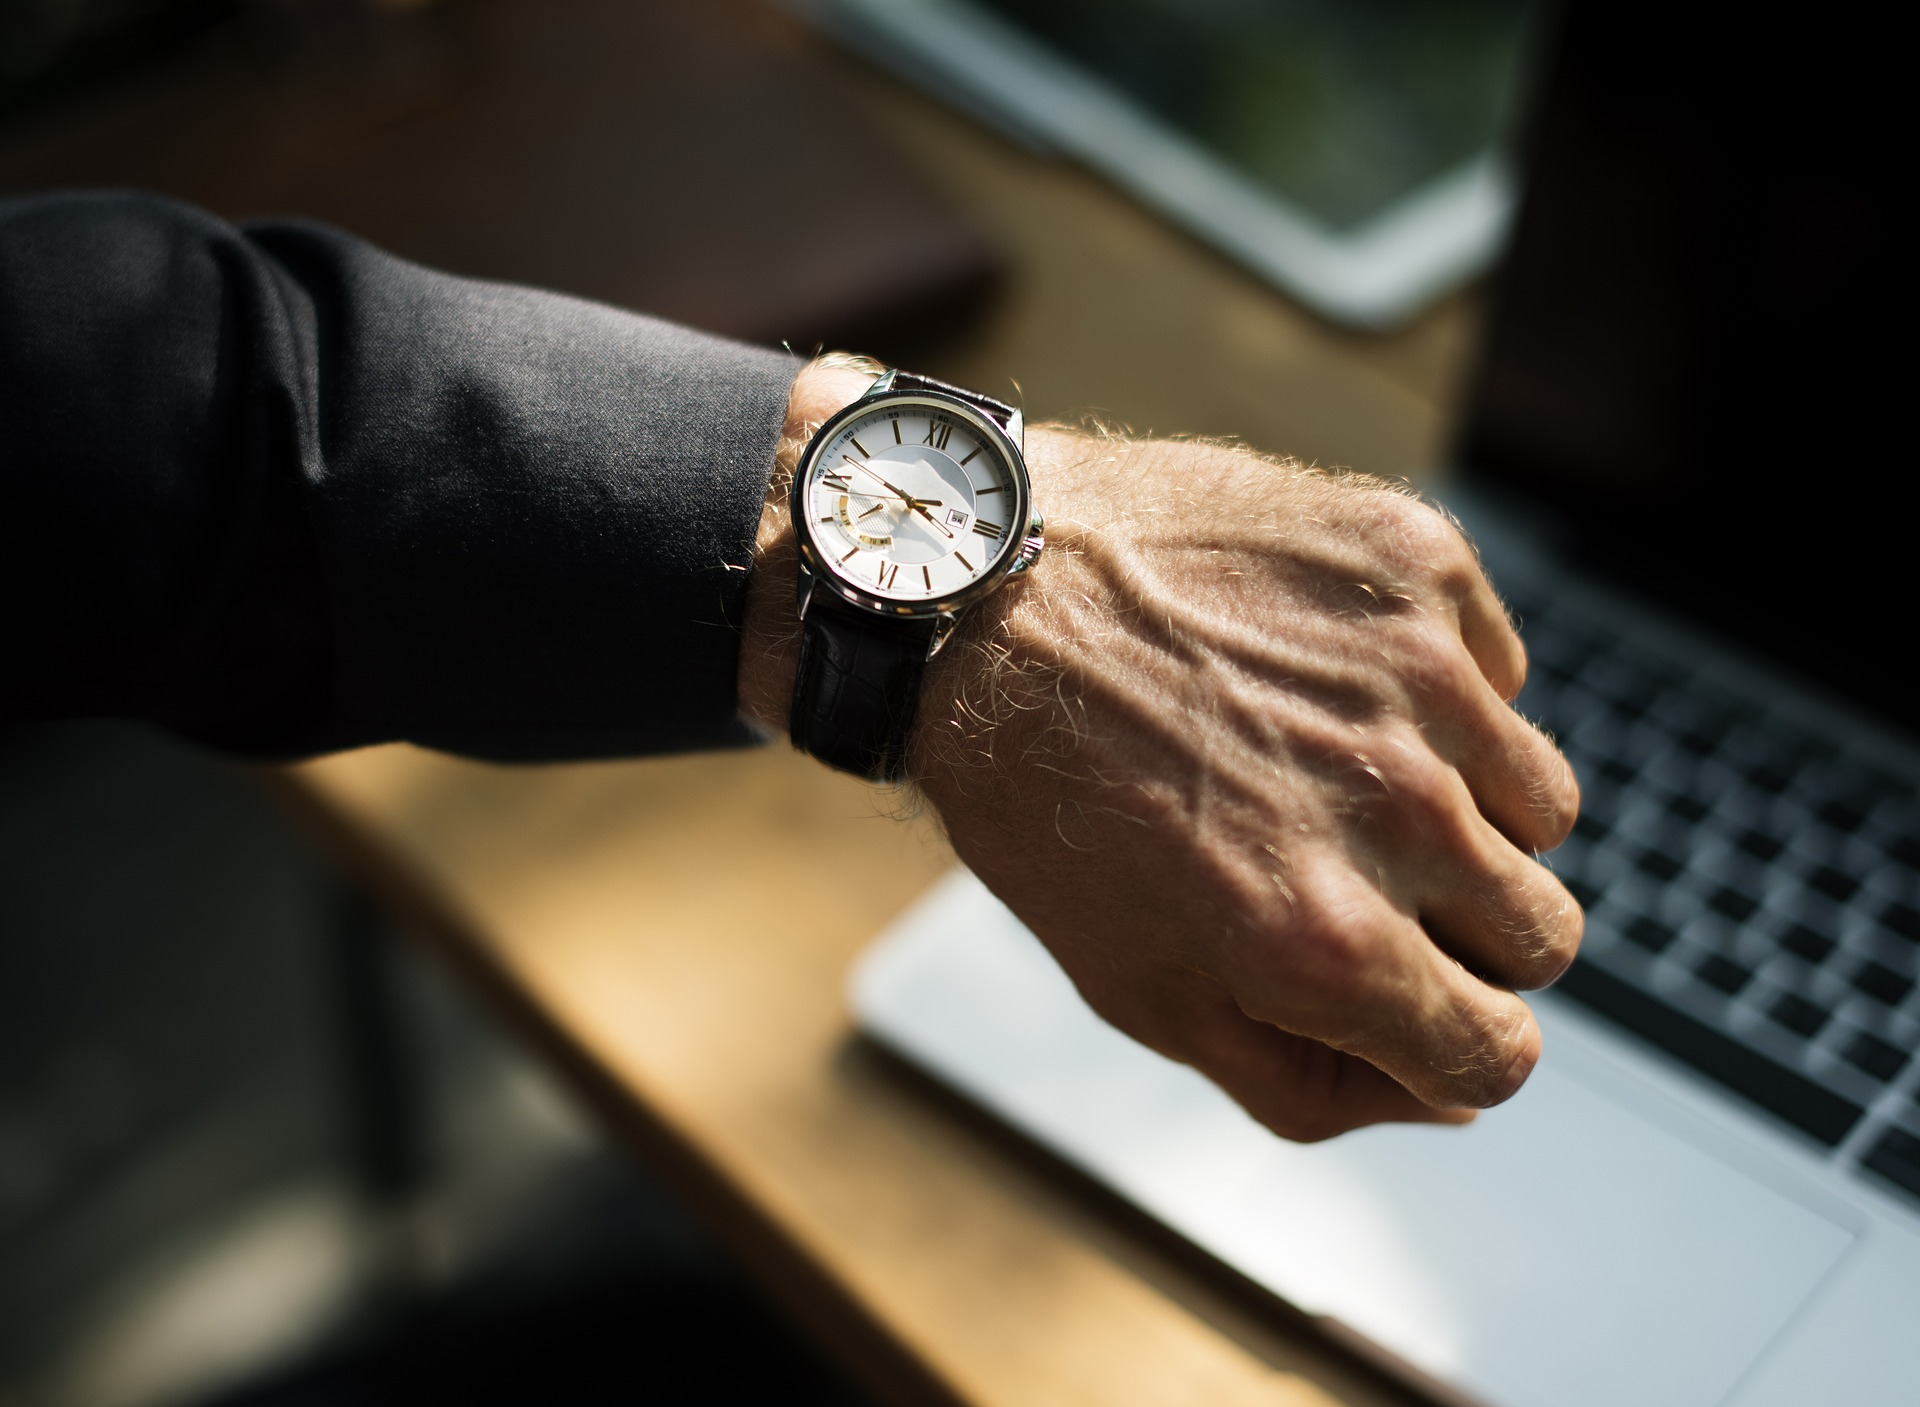 Как Написать Заявление в Суд на Снятие Надзора